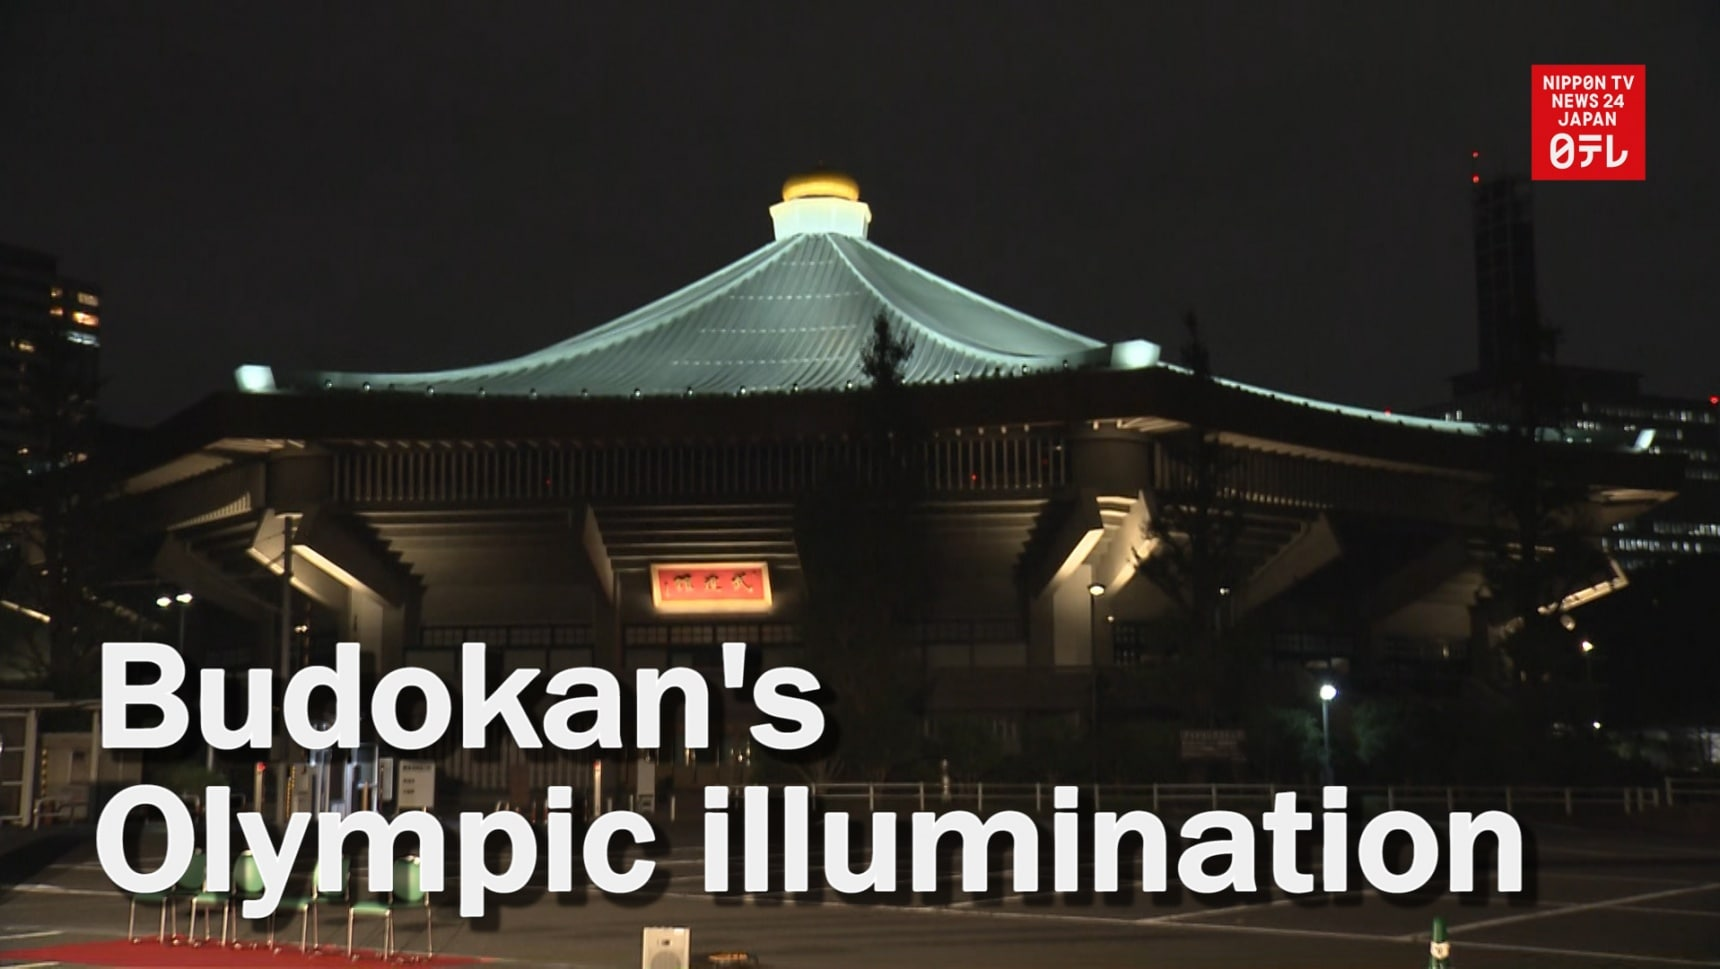 Budokan's Evening Illumination Has Resumed